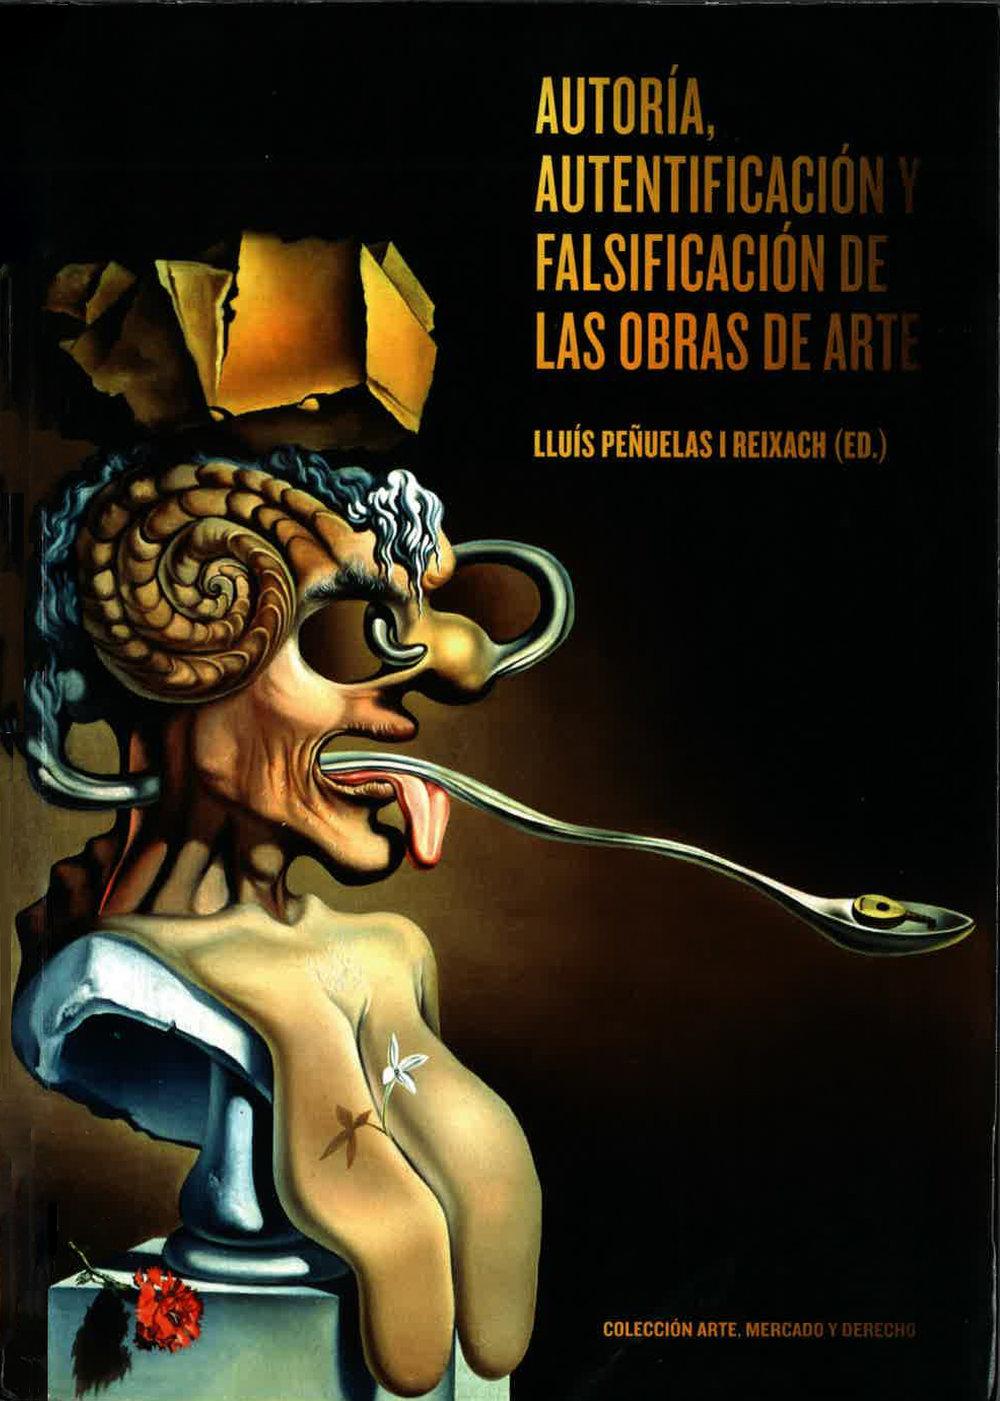 Findlay, Michael. (2013) 'El Ojo del Experto y El Mecado del Arte', Autoría, Autentificación y Falsificación de las Obras de Arte, ed. by Lluis Penuelas,   Barcelona: Ediciones Polígrafa, p. 164-195.